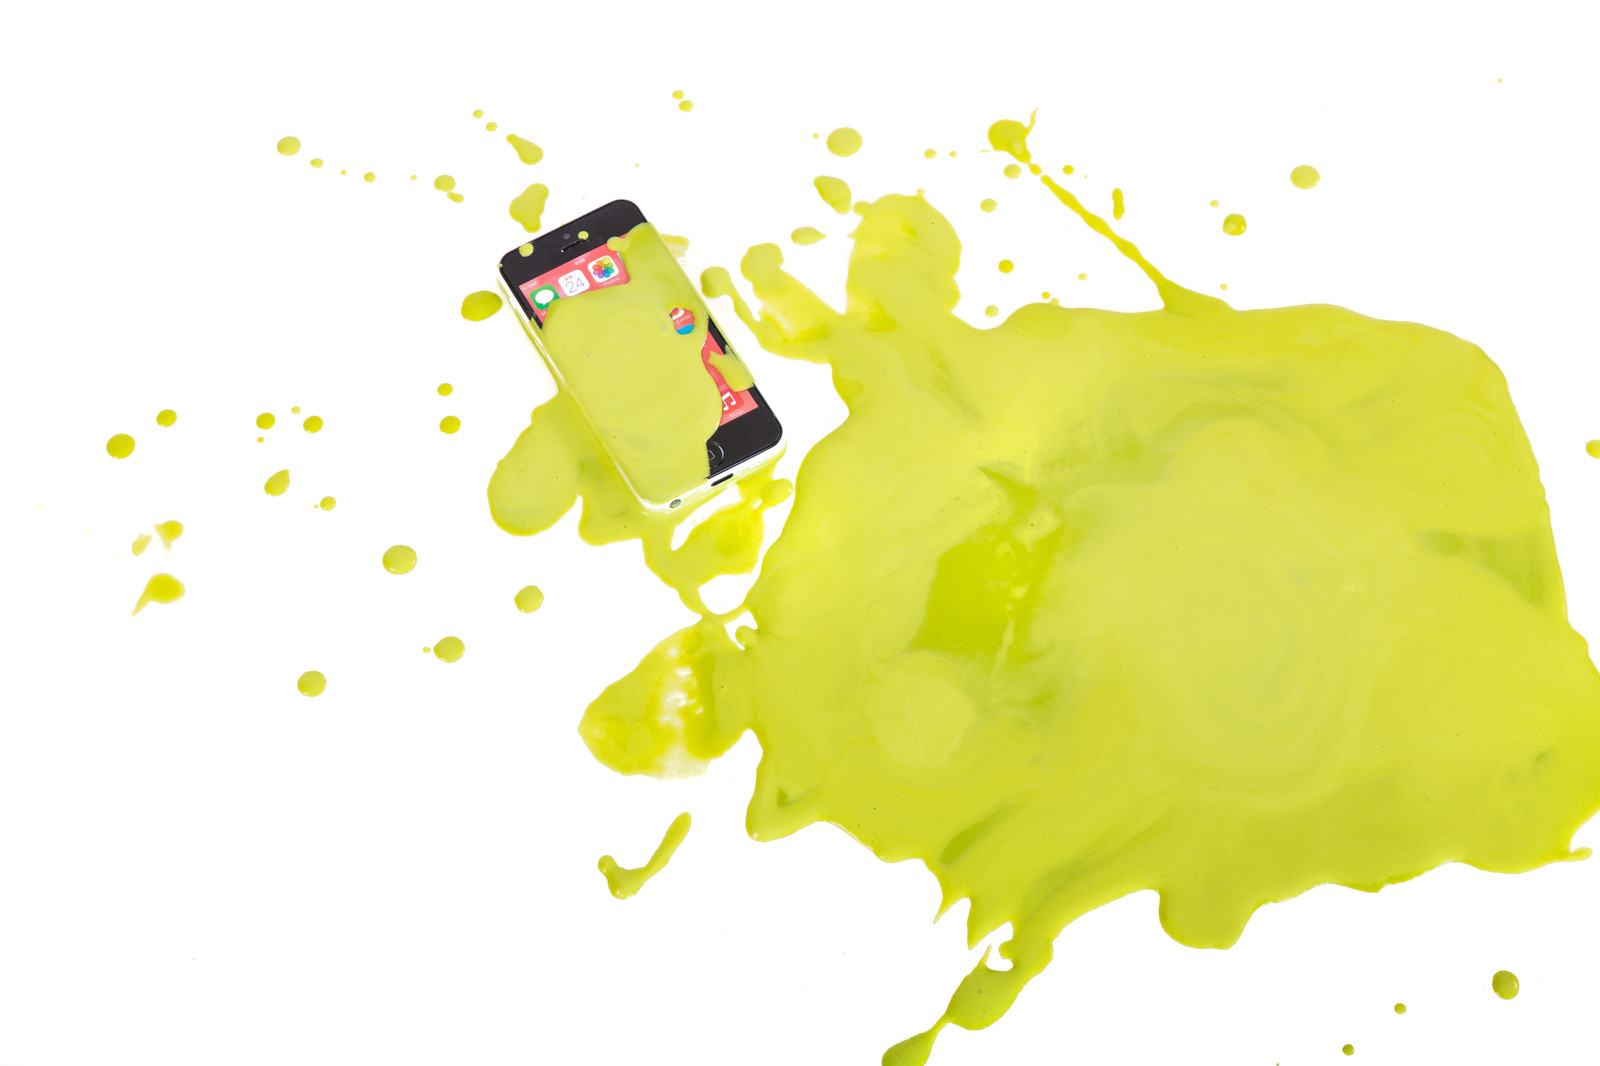 「スマホに緑の液体かけられた!」の写真